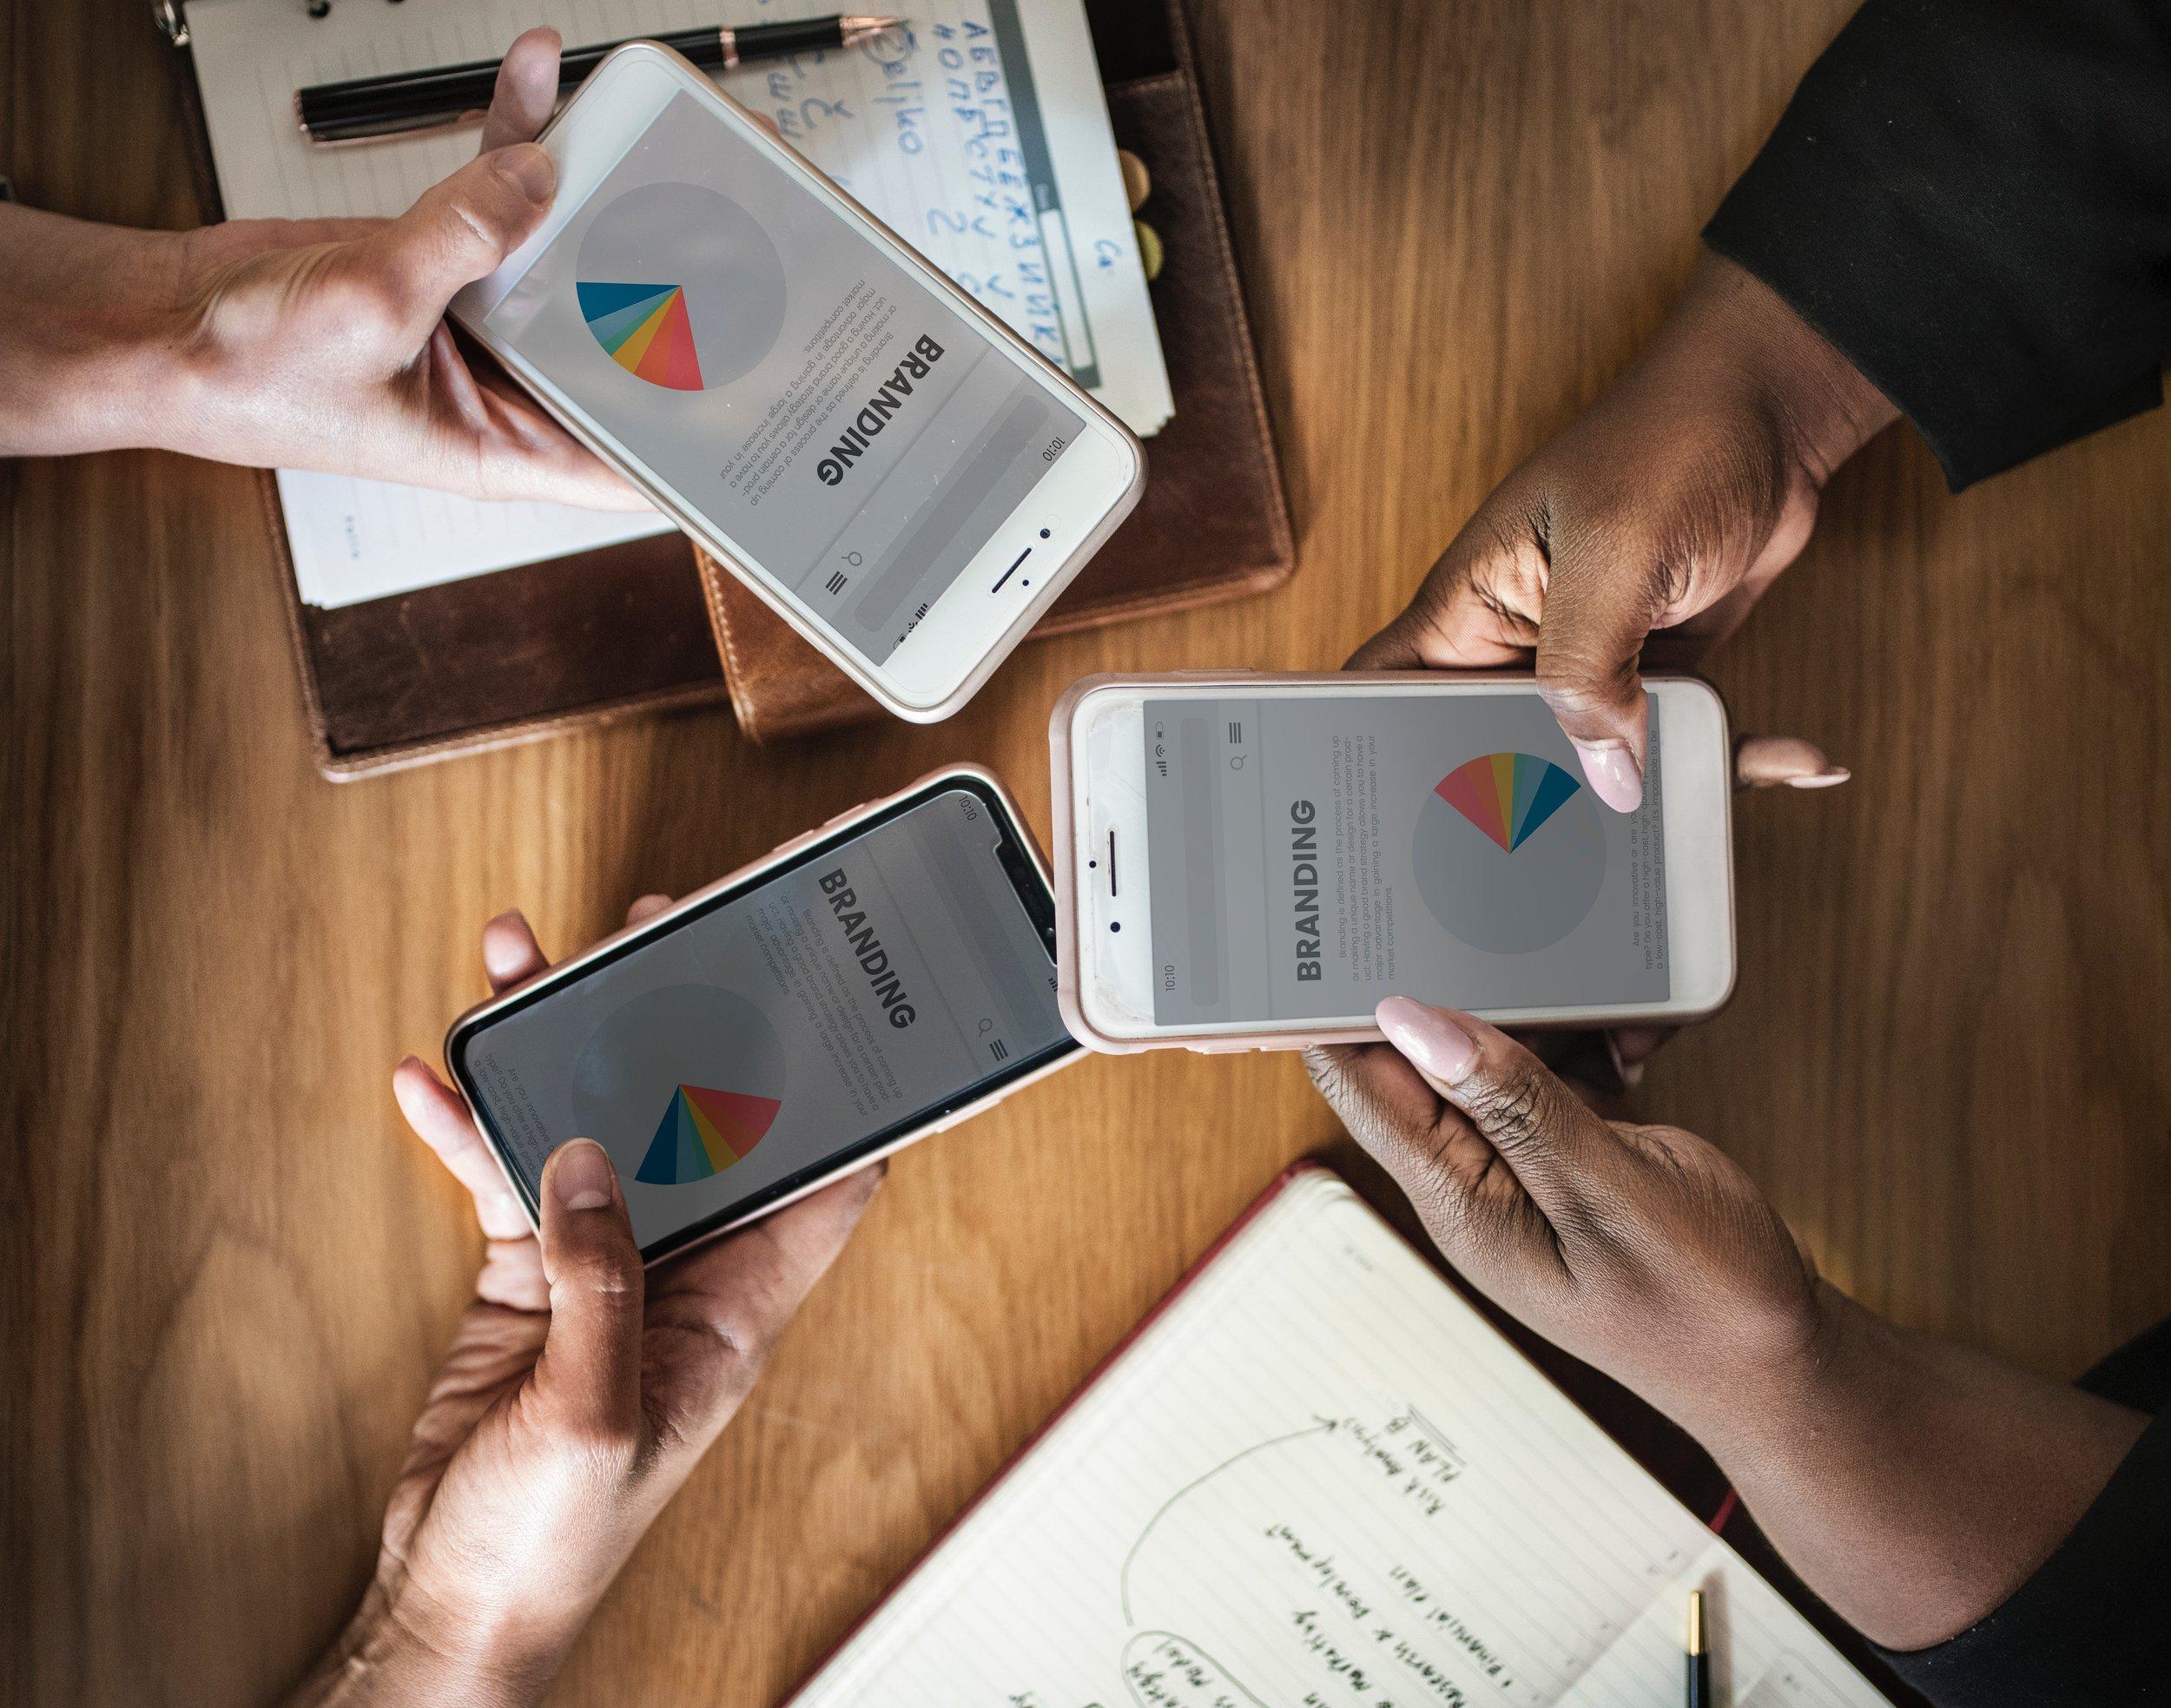 brainstorming-branding-businesspeople-1162968.jpg